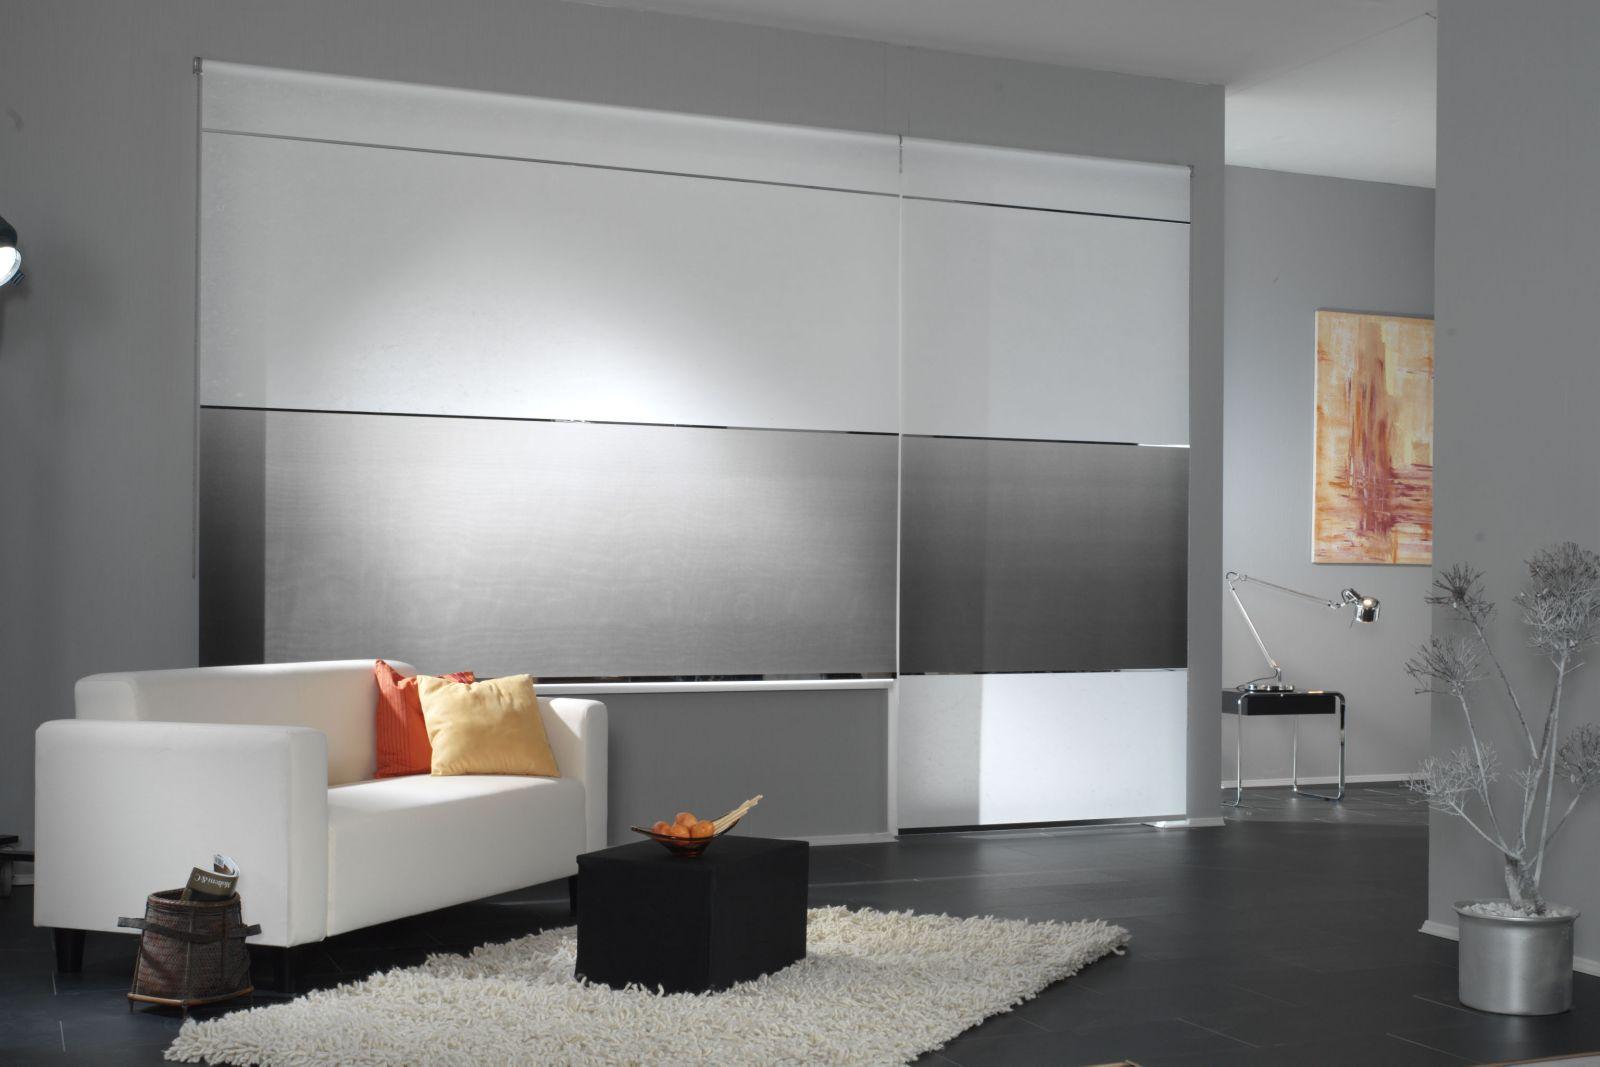 rollo shades vandeweege groothandelaar verven pleisters en gordijnen. Black Bedroom Furniture Sets. Home Design Ideas